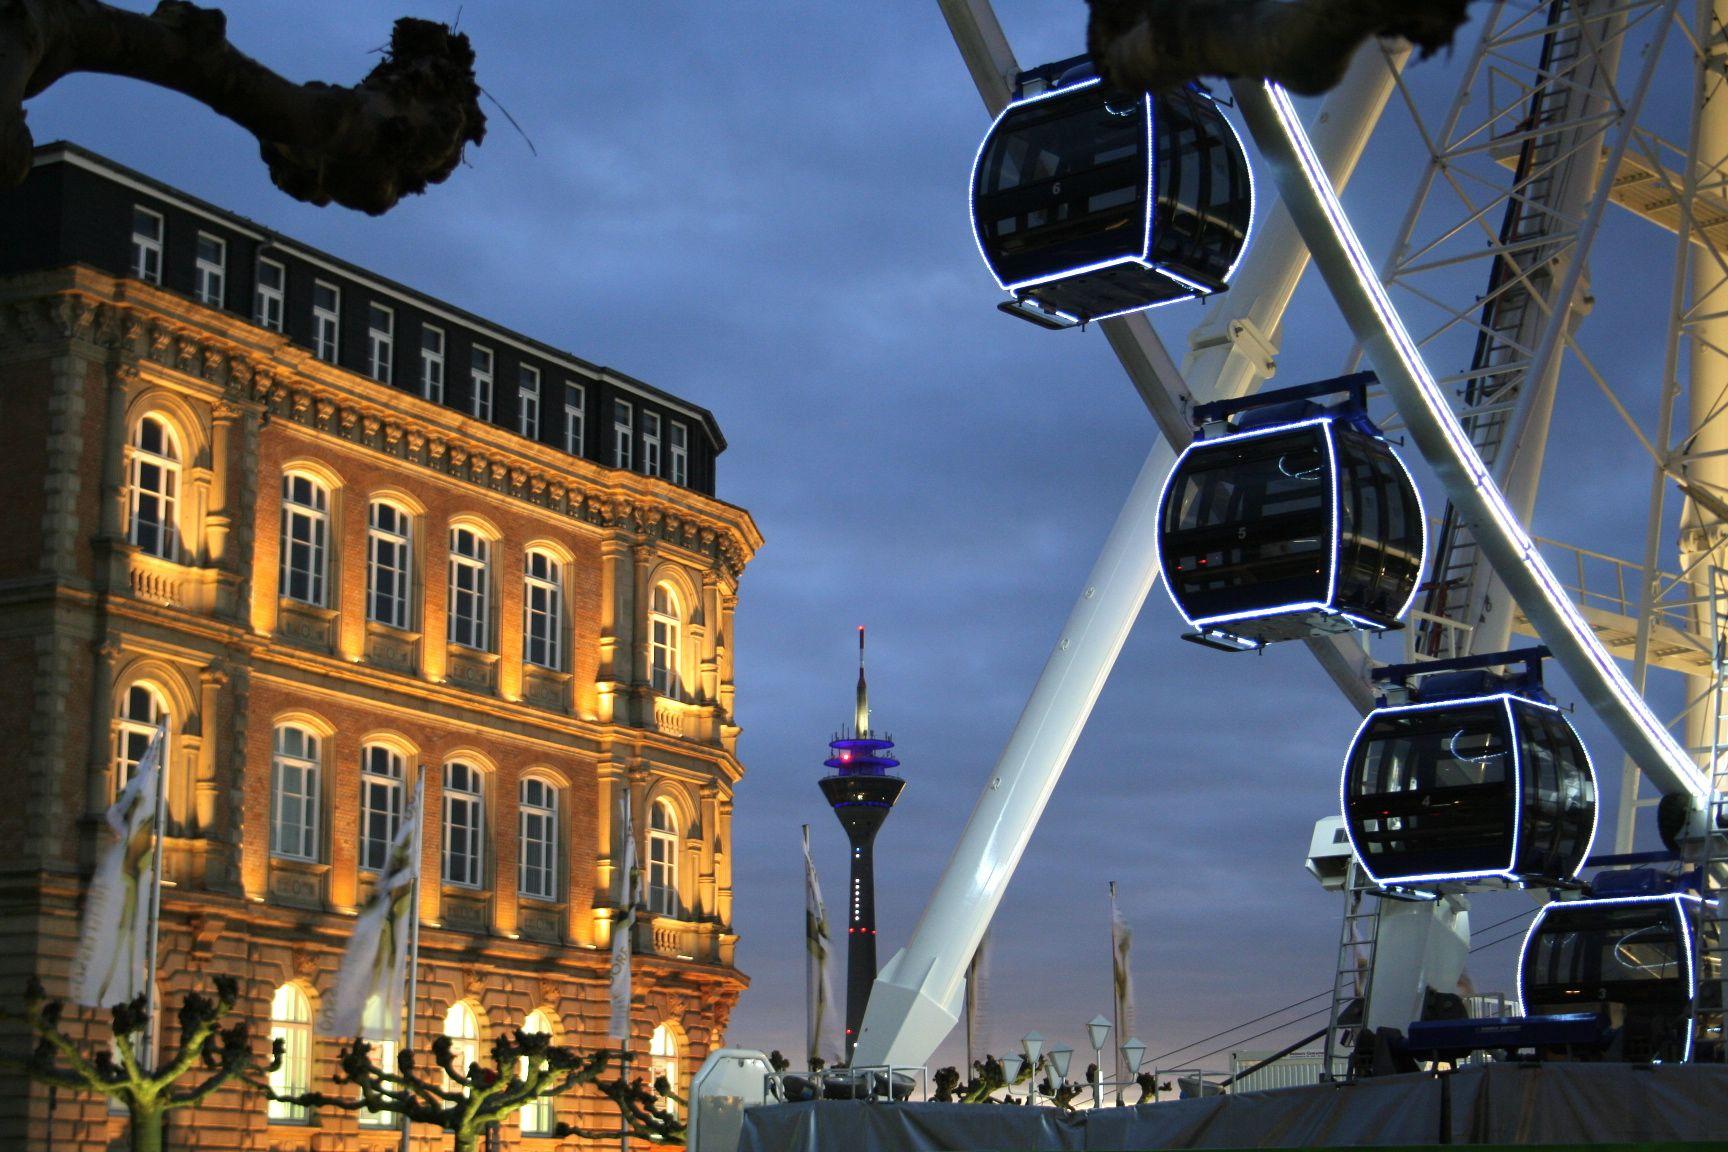 Riesenrad / Fernsehturm Düsseldorf